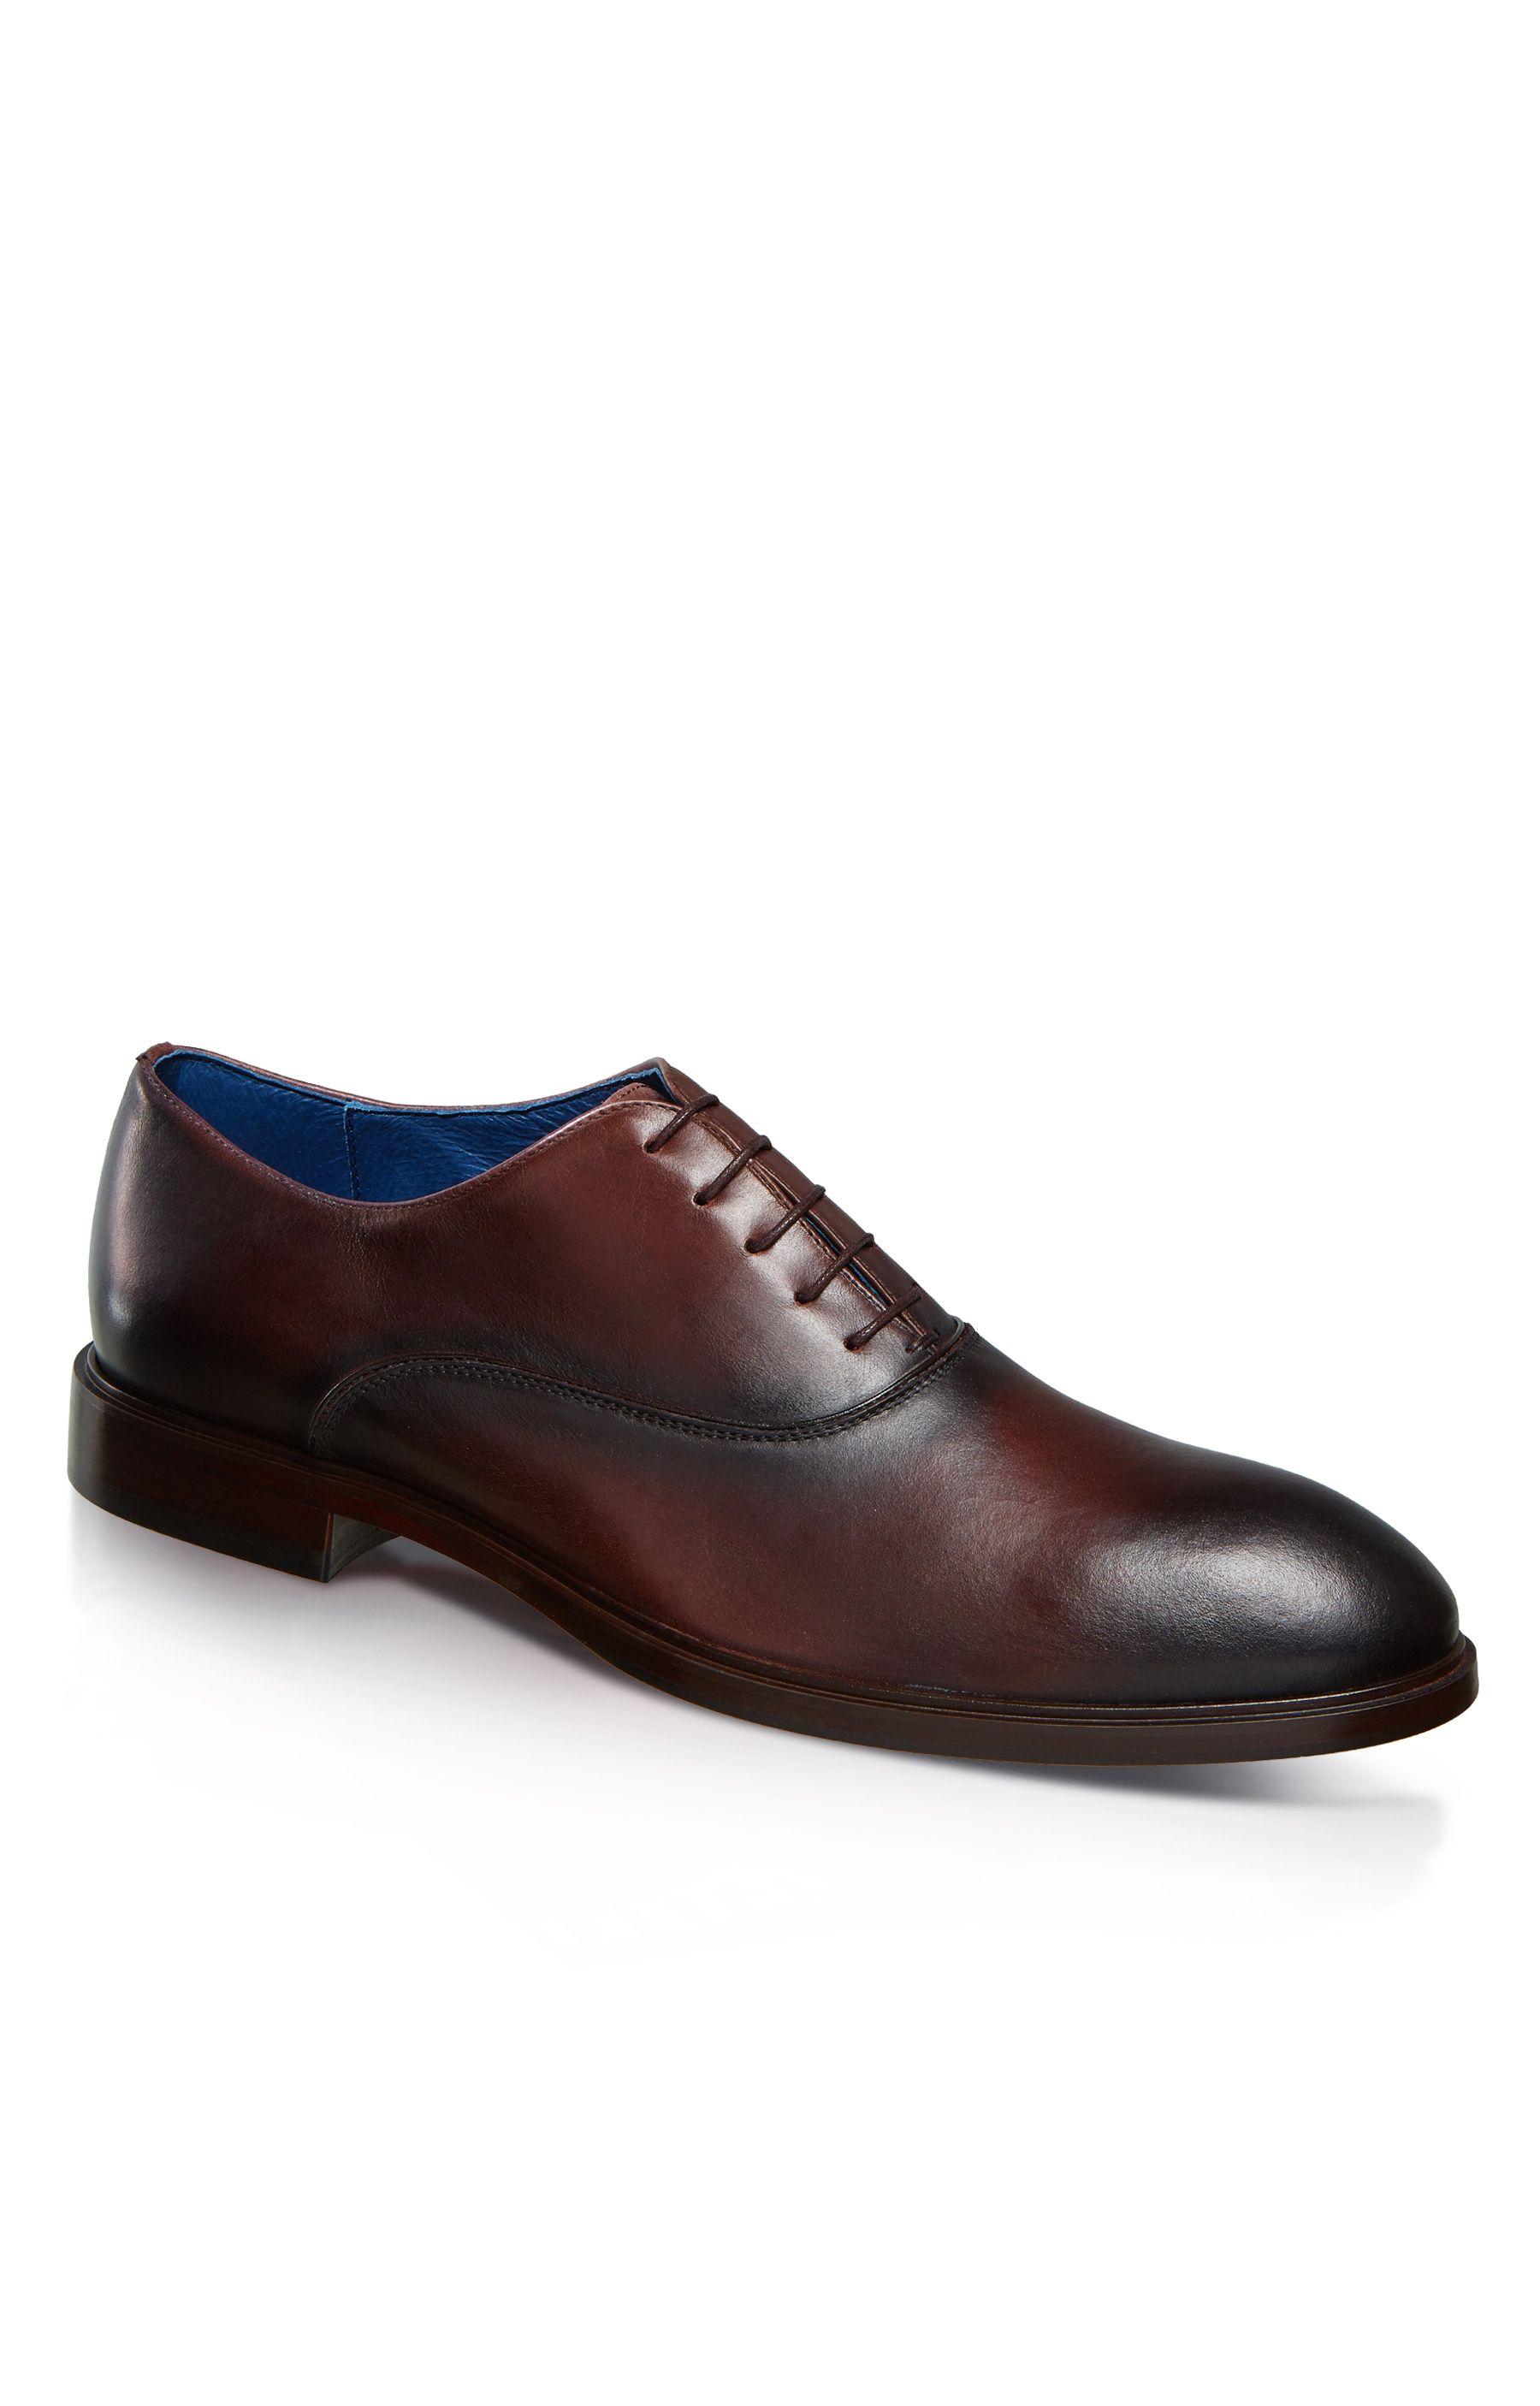 Buty Skorzane Vistula Dress Shoes Men Oxford Shoes Dress Shoes